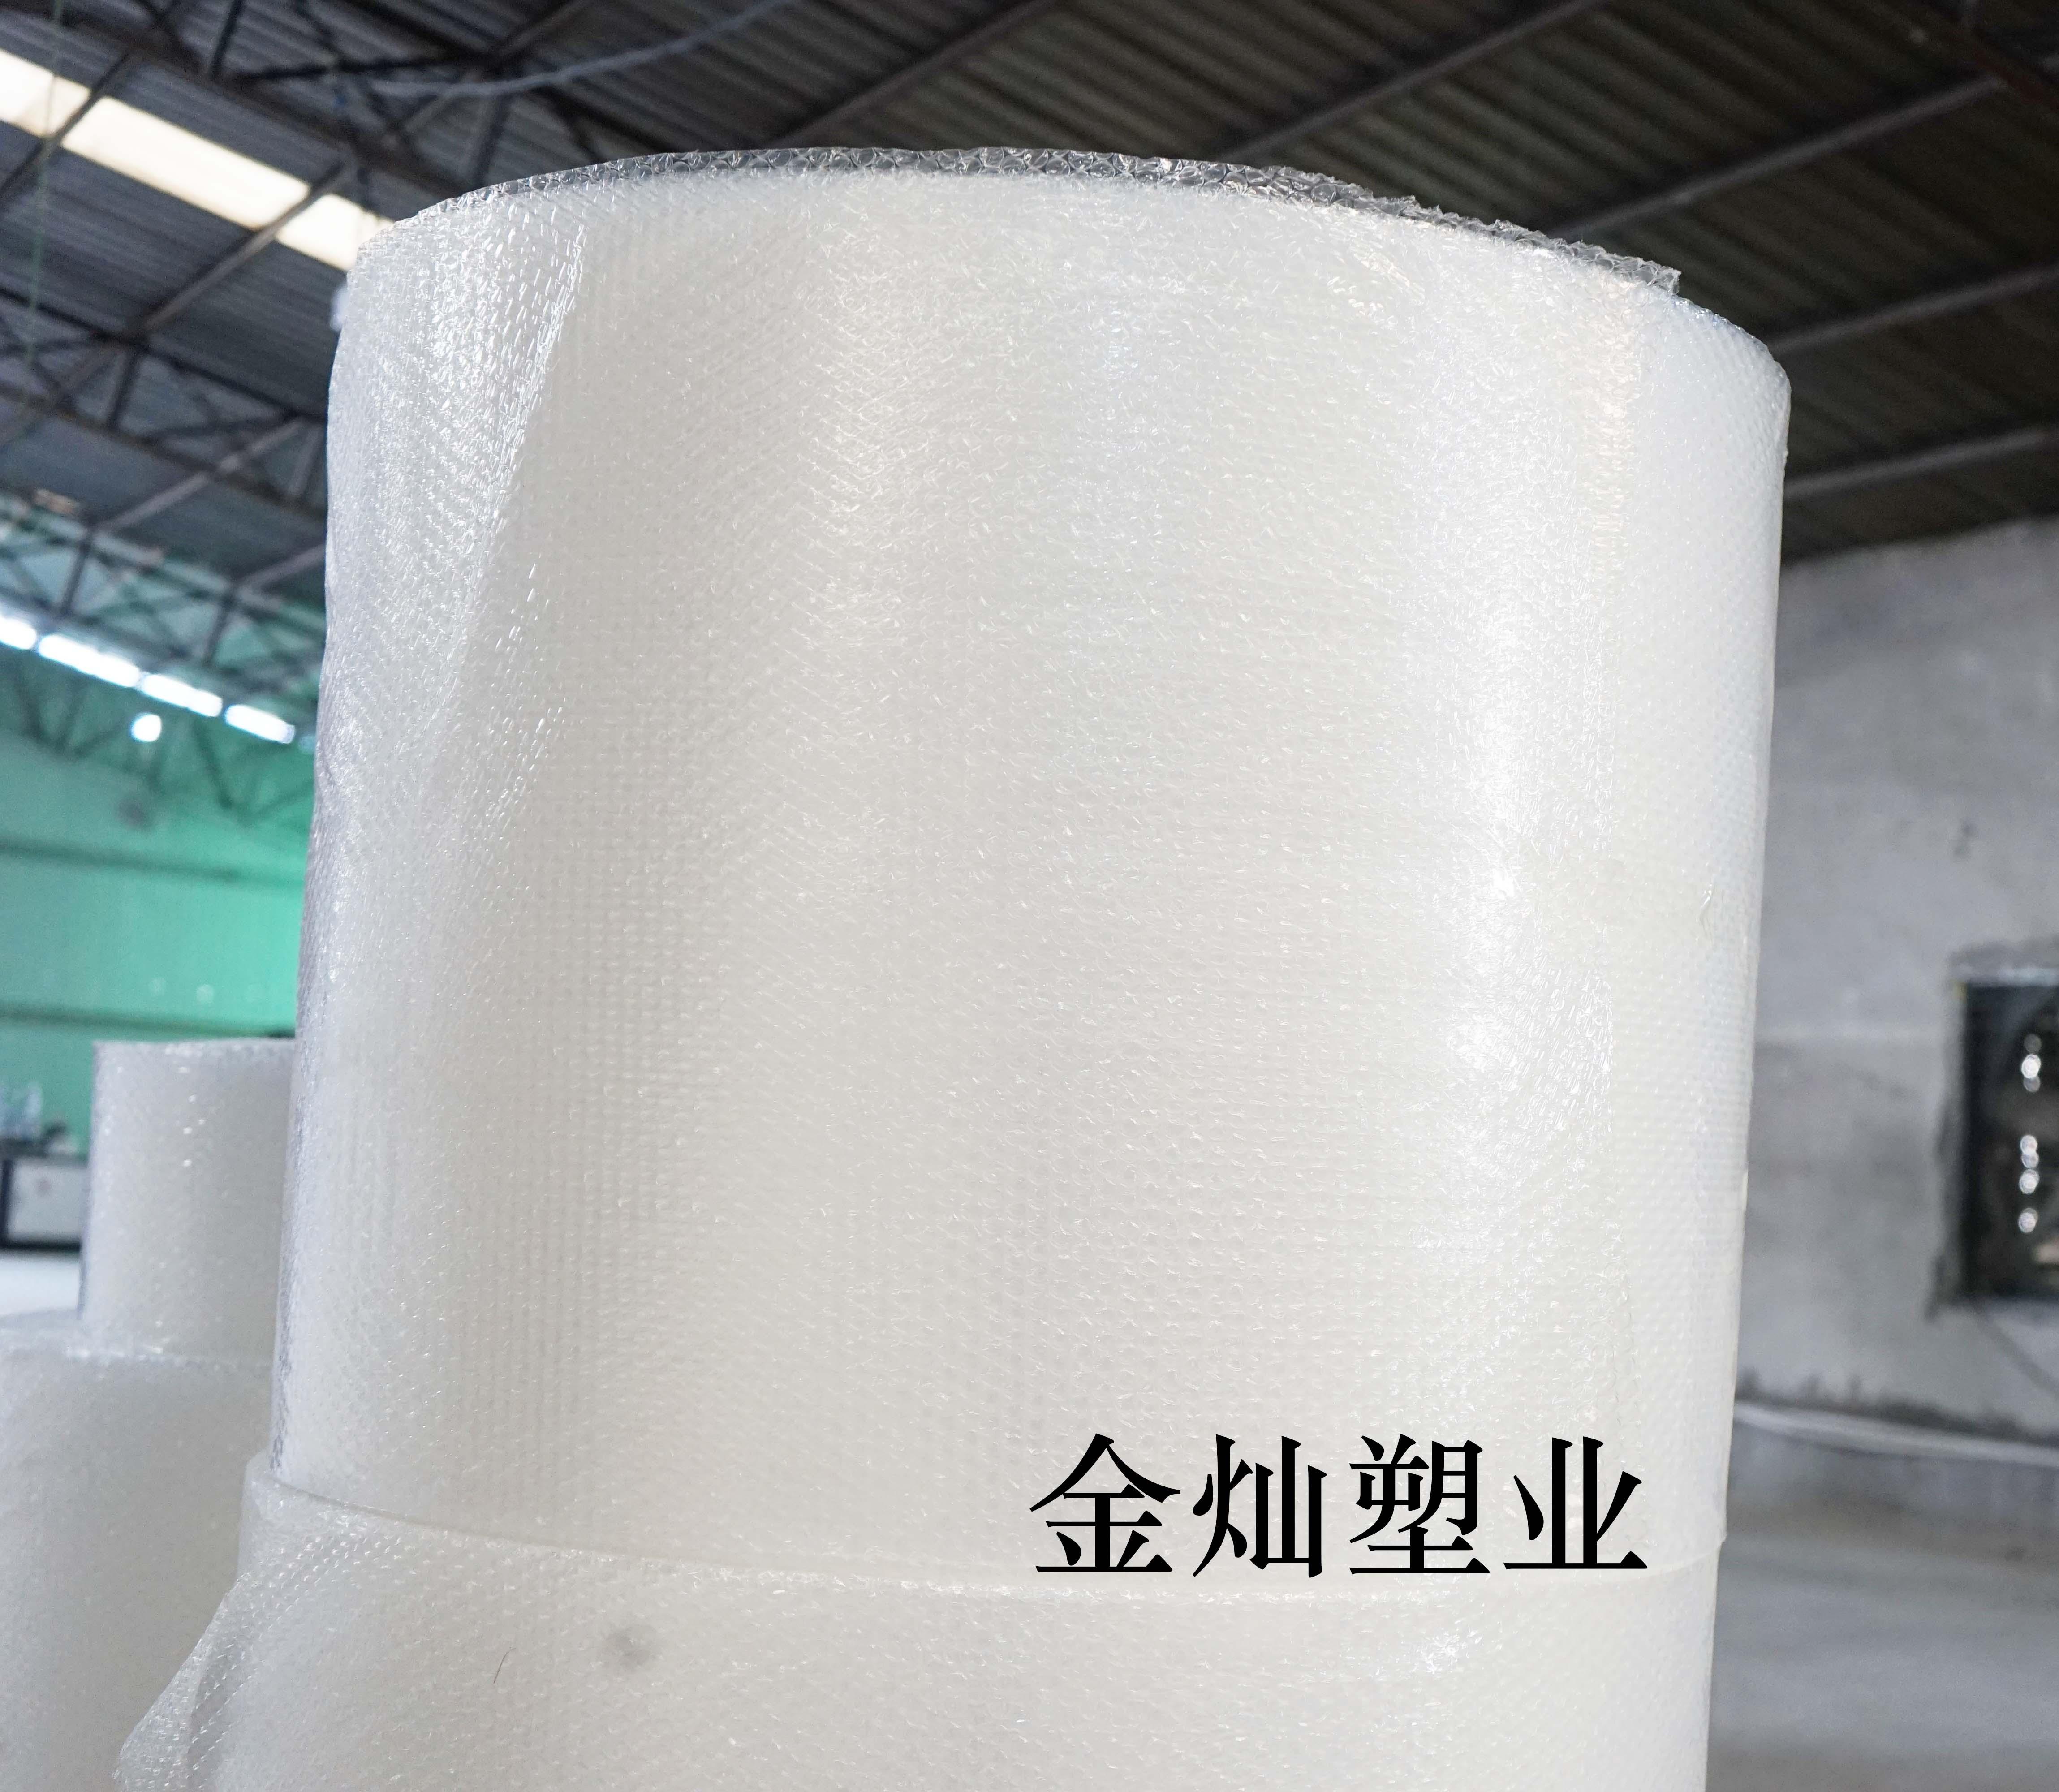 临沂防静电气泡膜批发厂家 服务为先 金灿塑业供应